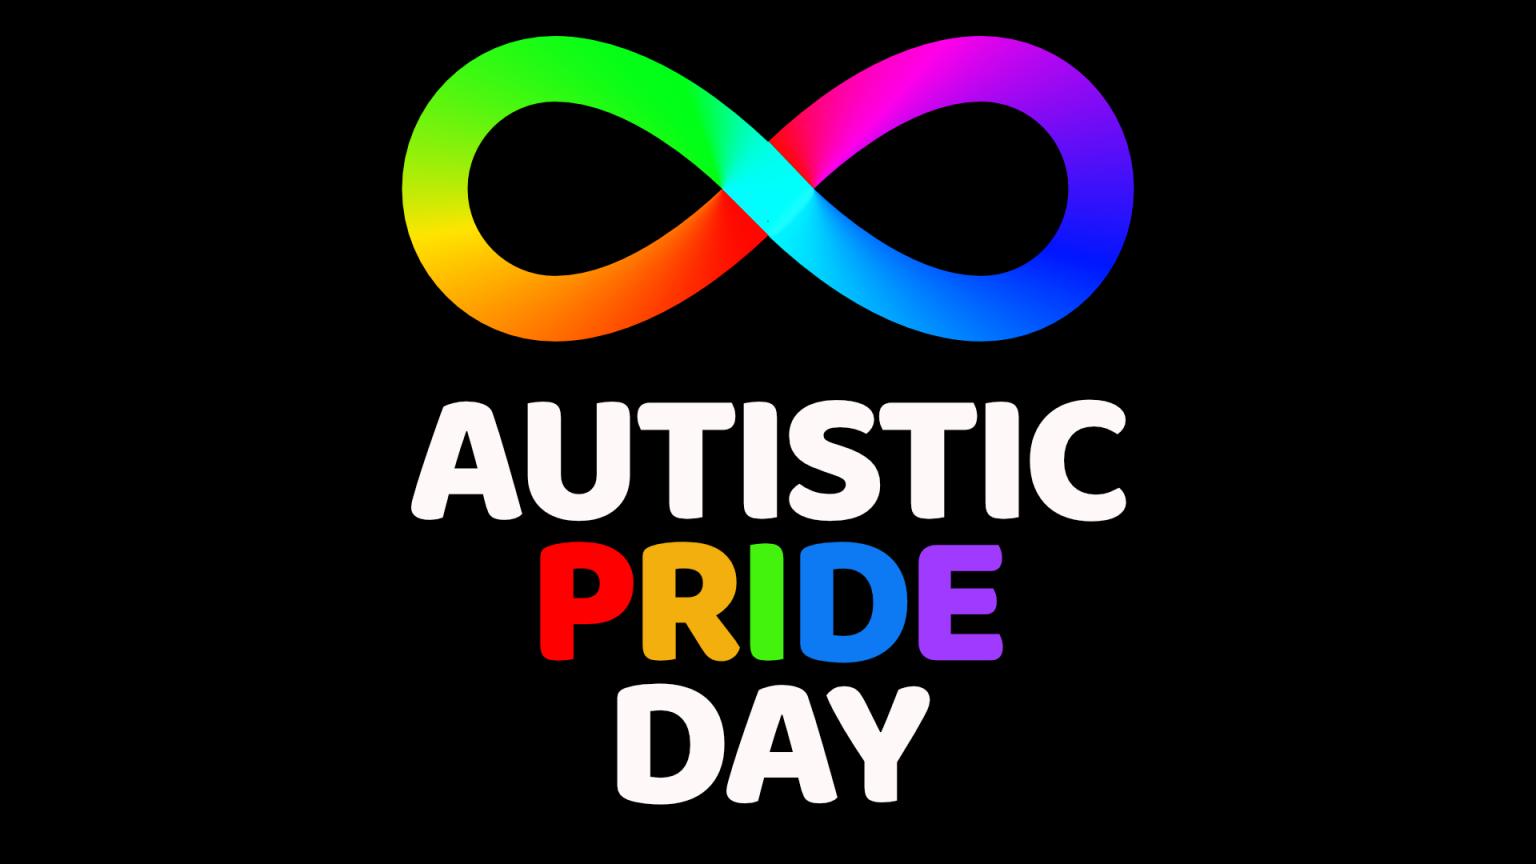 Autistic Pride Day: 18 June   ఆటిస్టిక్ ప్రైడ్ డే : 18 జూన్  _40.1